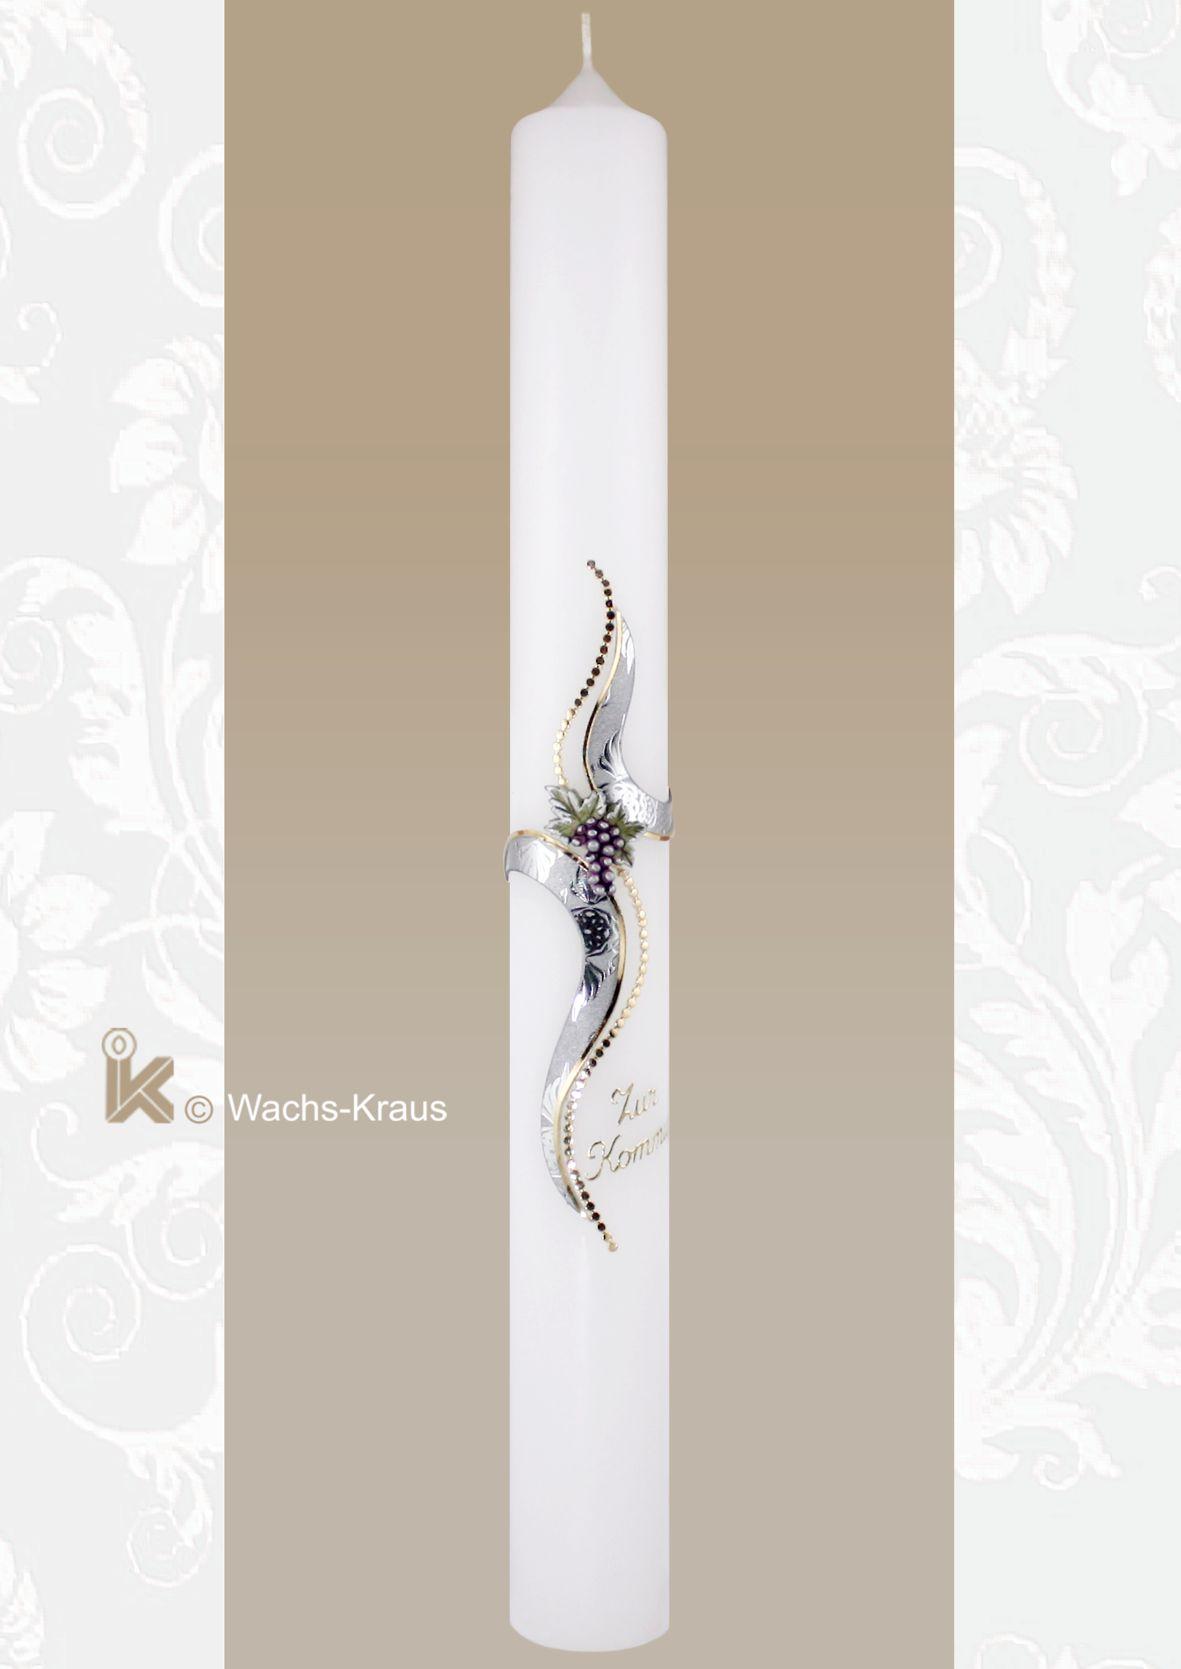 Kommunionkerze mit bemalten Weintrauben im Schnittpunkt des modernen, zweiteilig aus einer glänzenden Silberwachsplatte gefertigten Kreuz